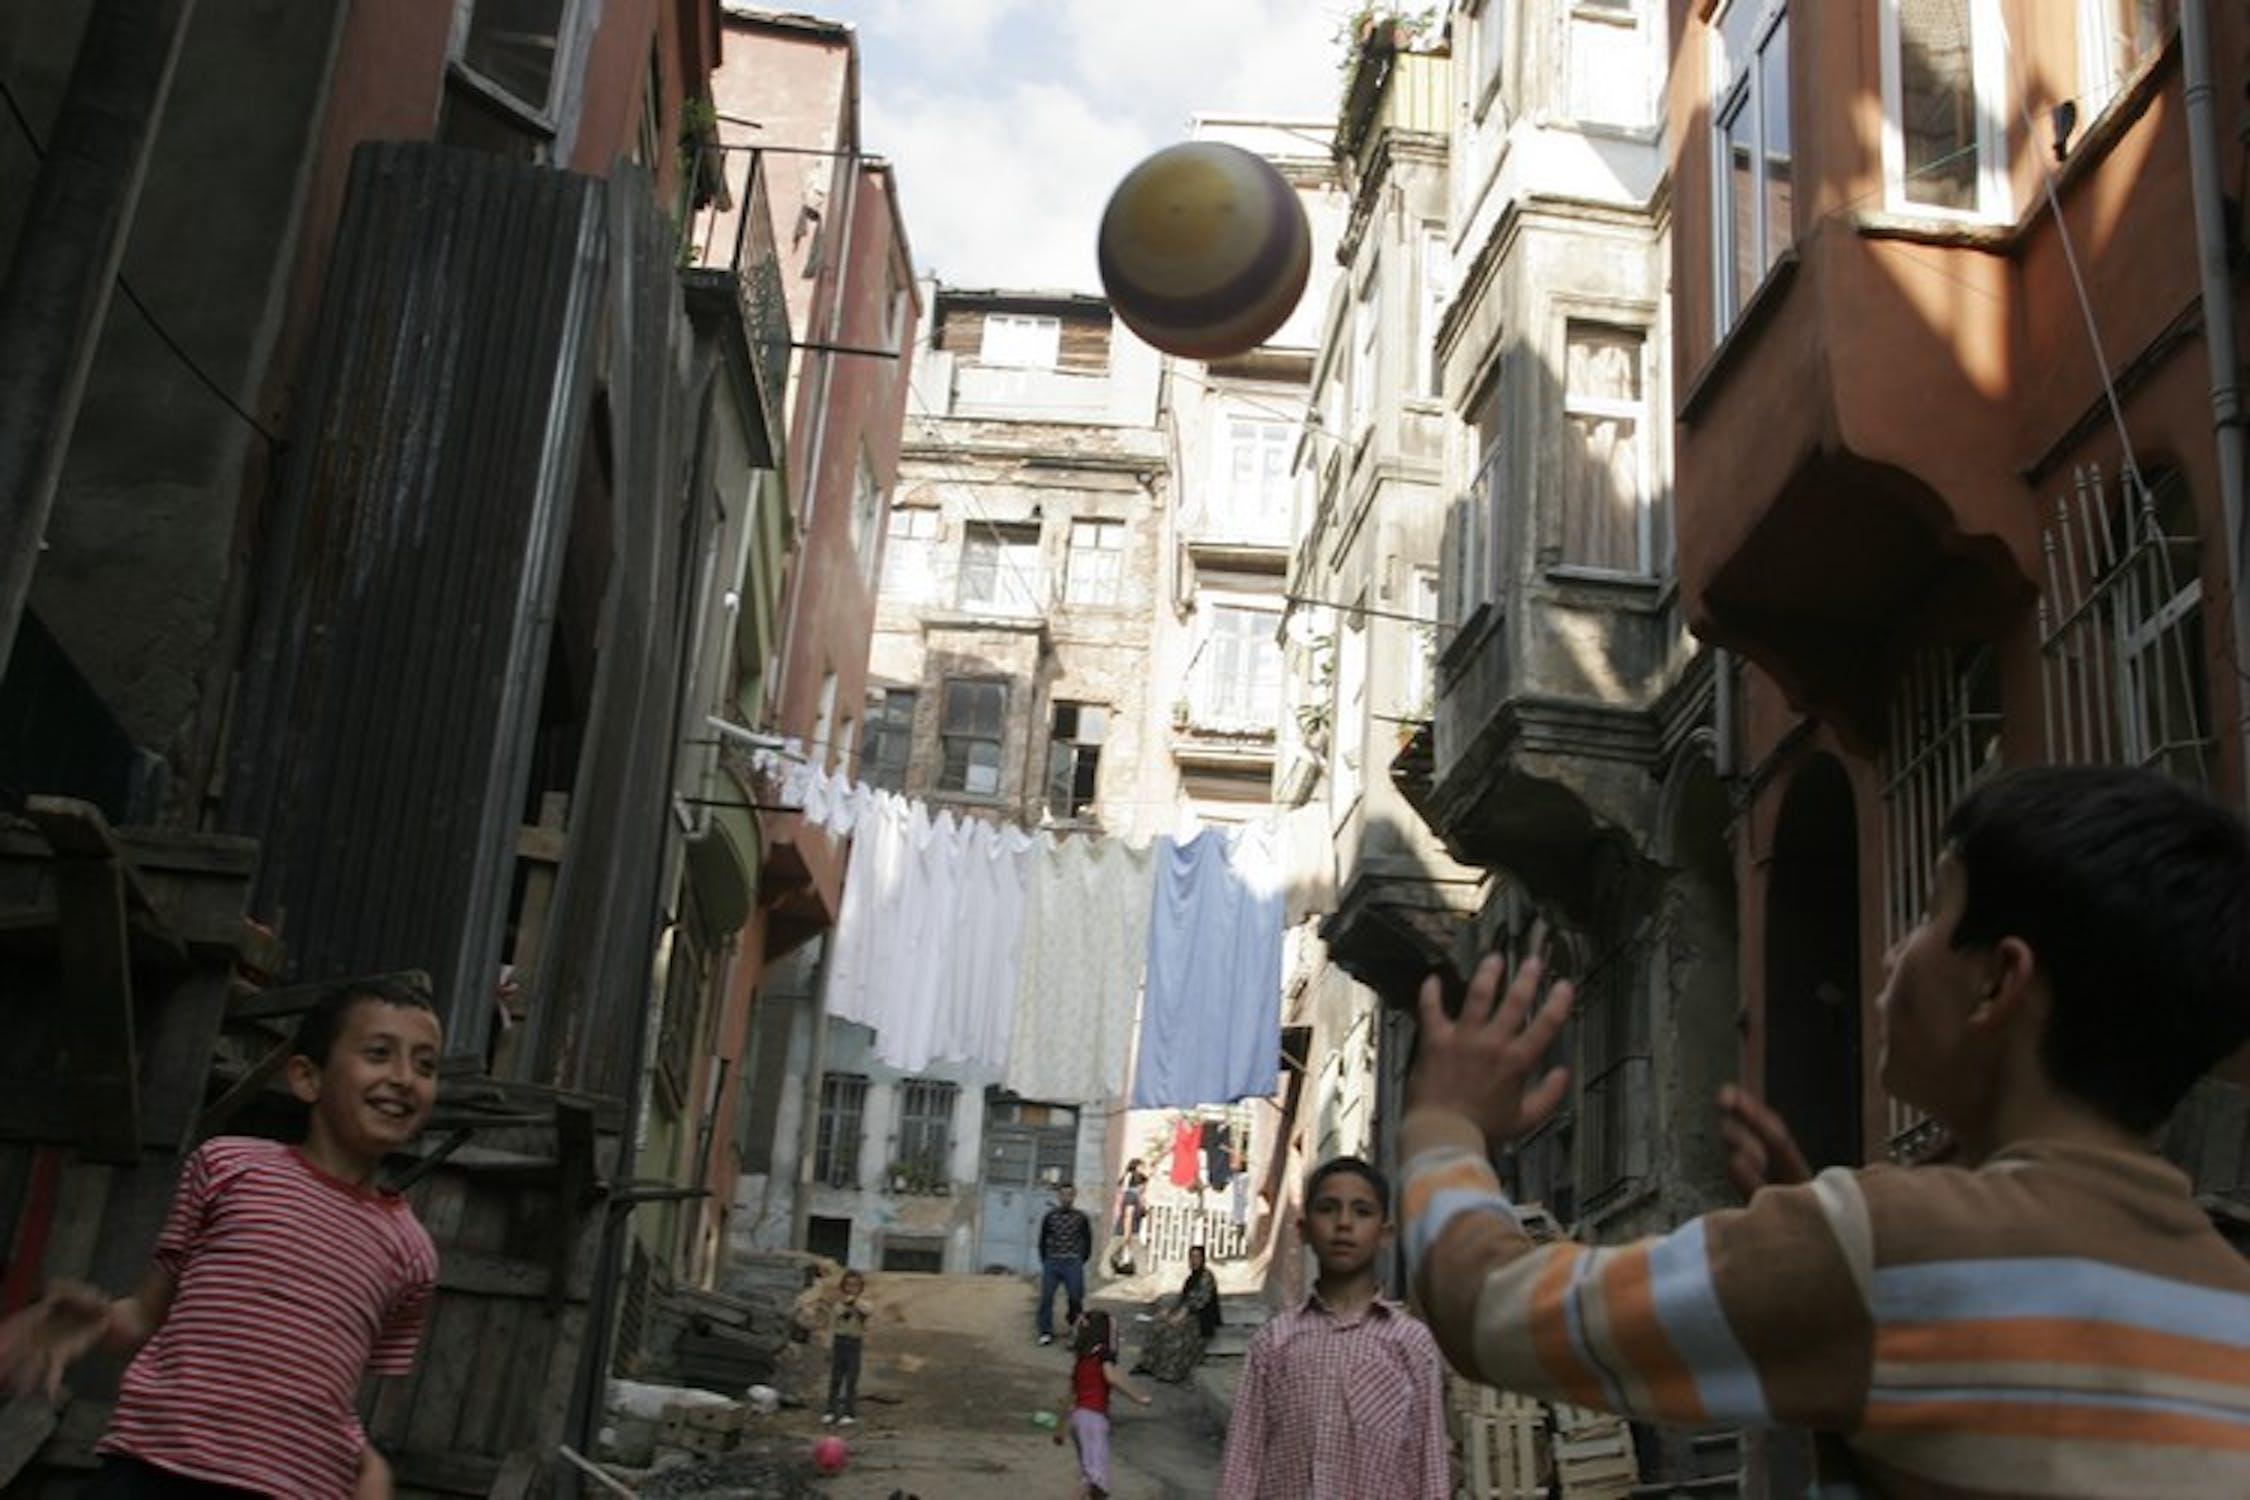 Ragazzini giocano in una strada di Tarlabasi, sobborgo povero di Istanbul: in Turchia è ancora rilevante il numero di minori (soprattutto bambine) che non frequenta la scuola primaria - ©UNICEF/NYHQ2005-1185/LeMoyne